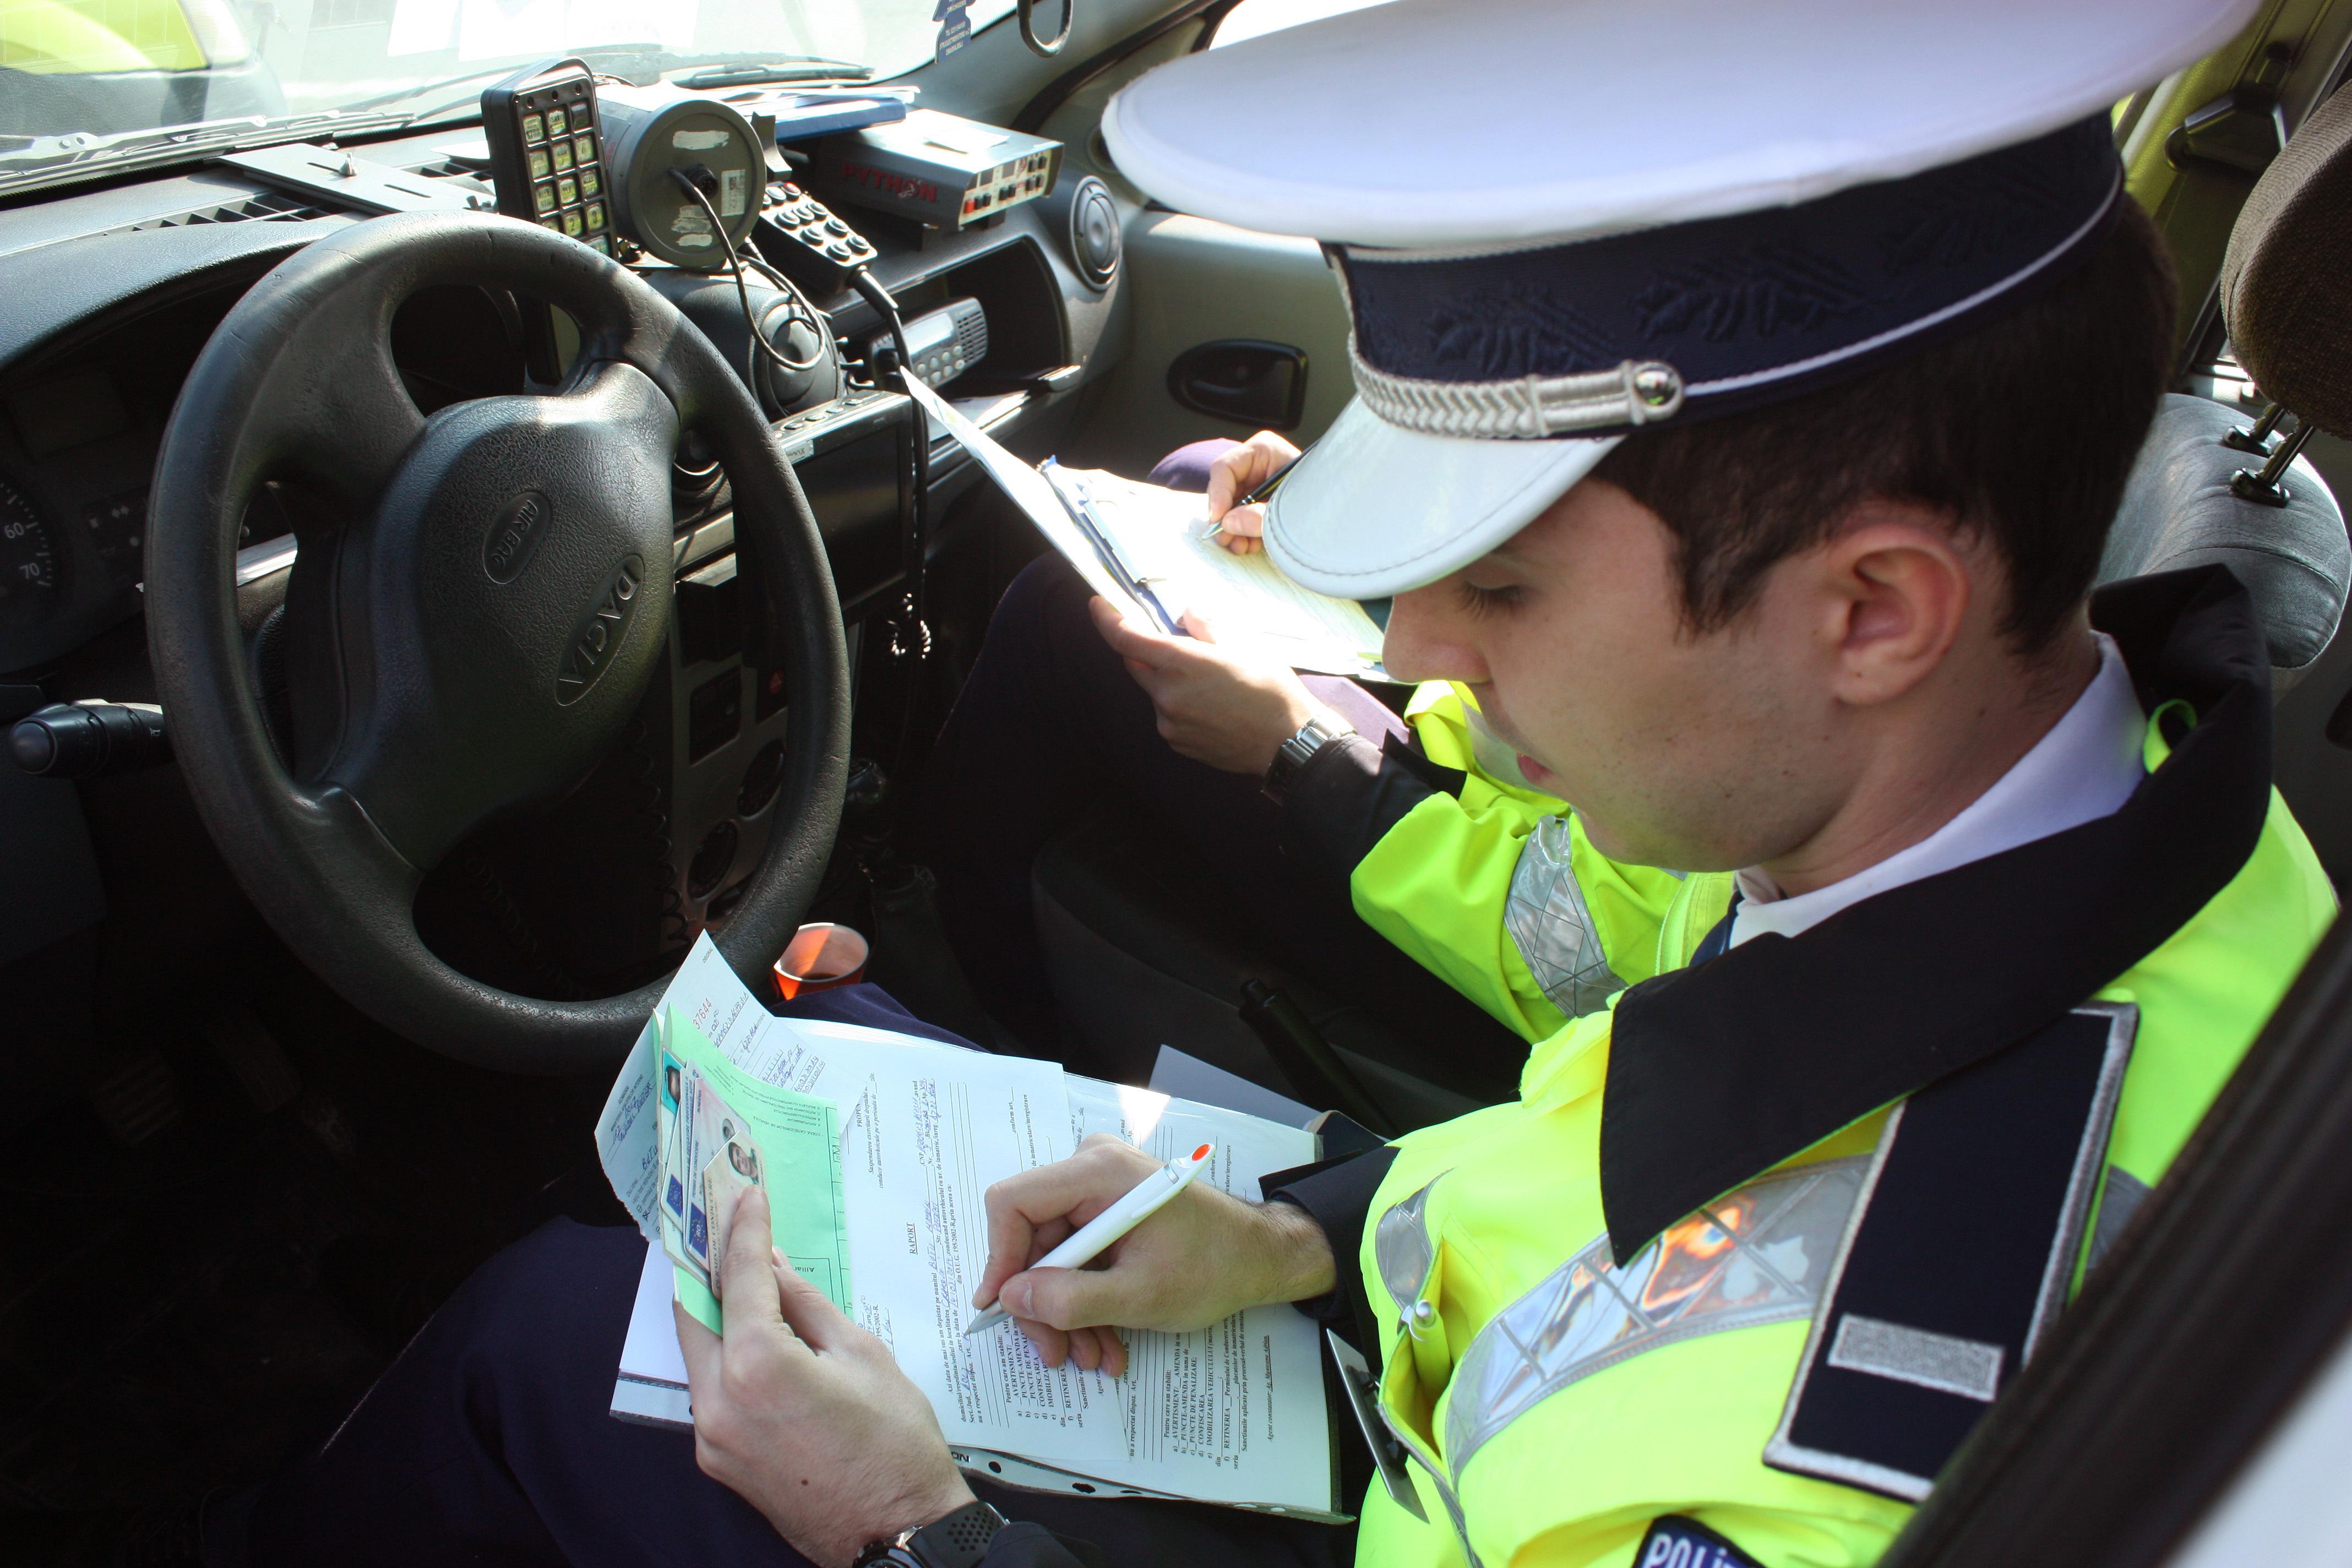 Nu plătesc amenda de circulaţie, care sunt urmările? După cât timp îţi poate bloca statul conturile personale